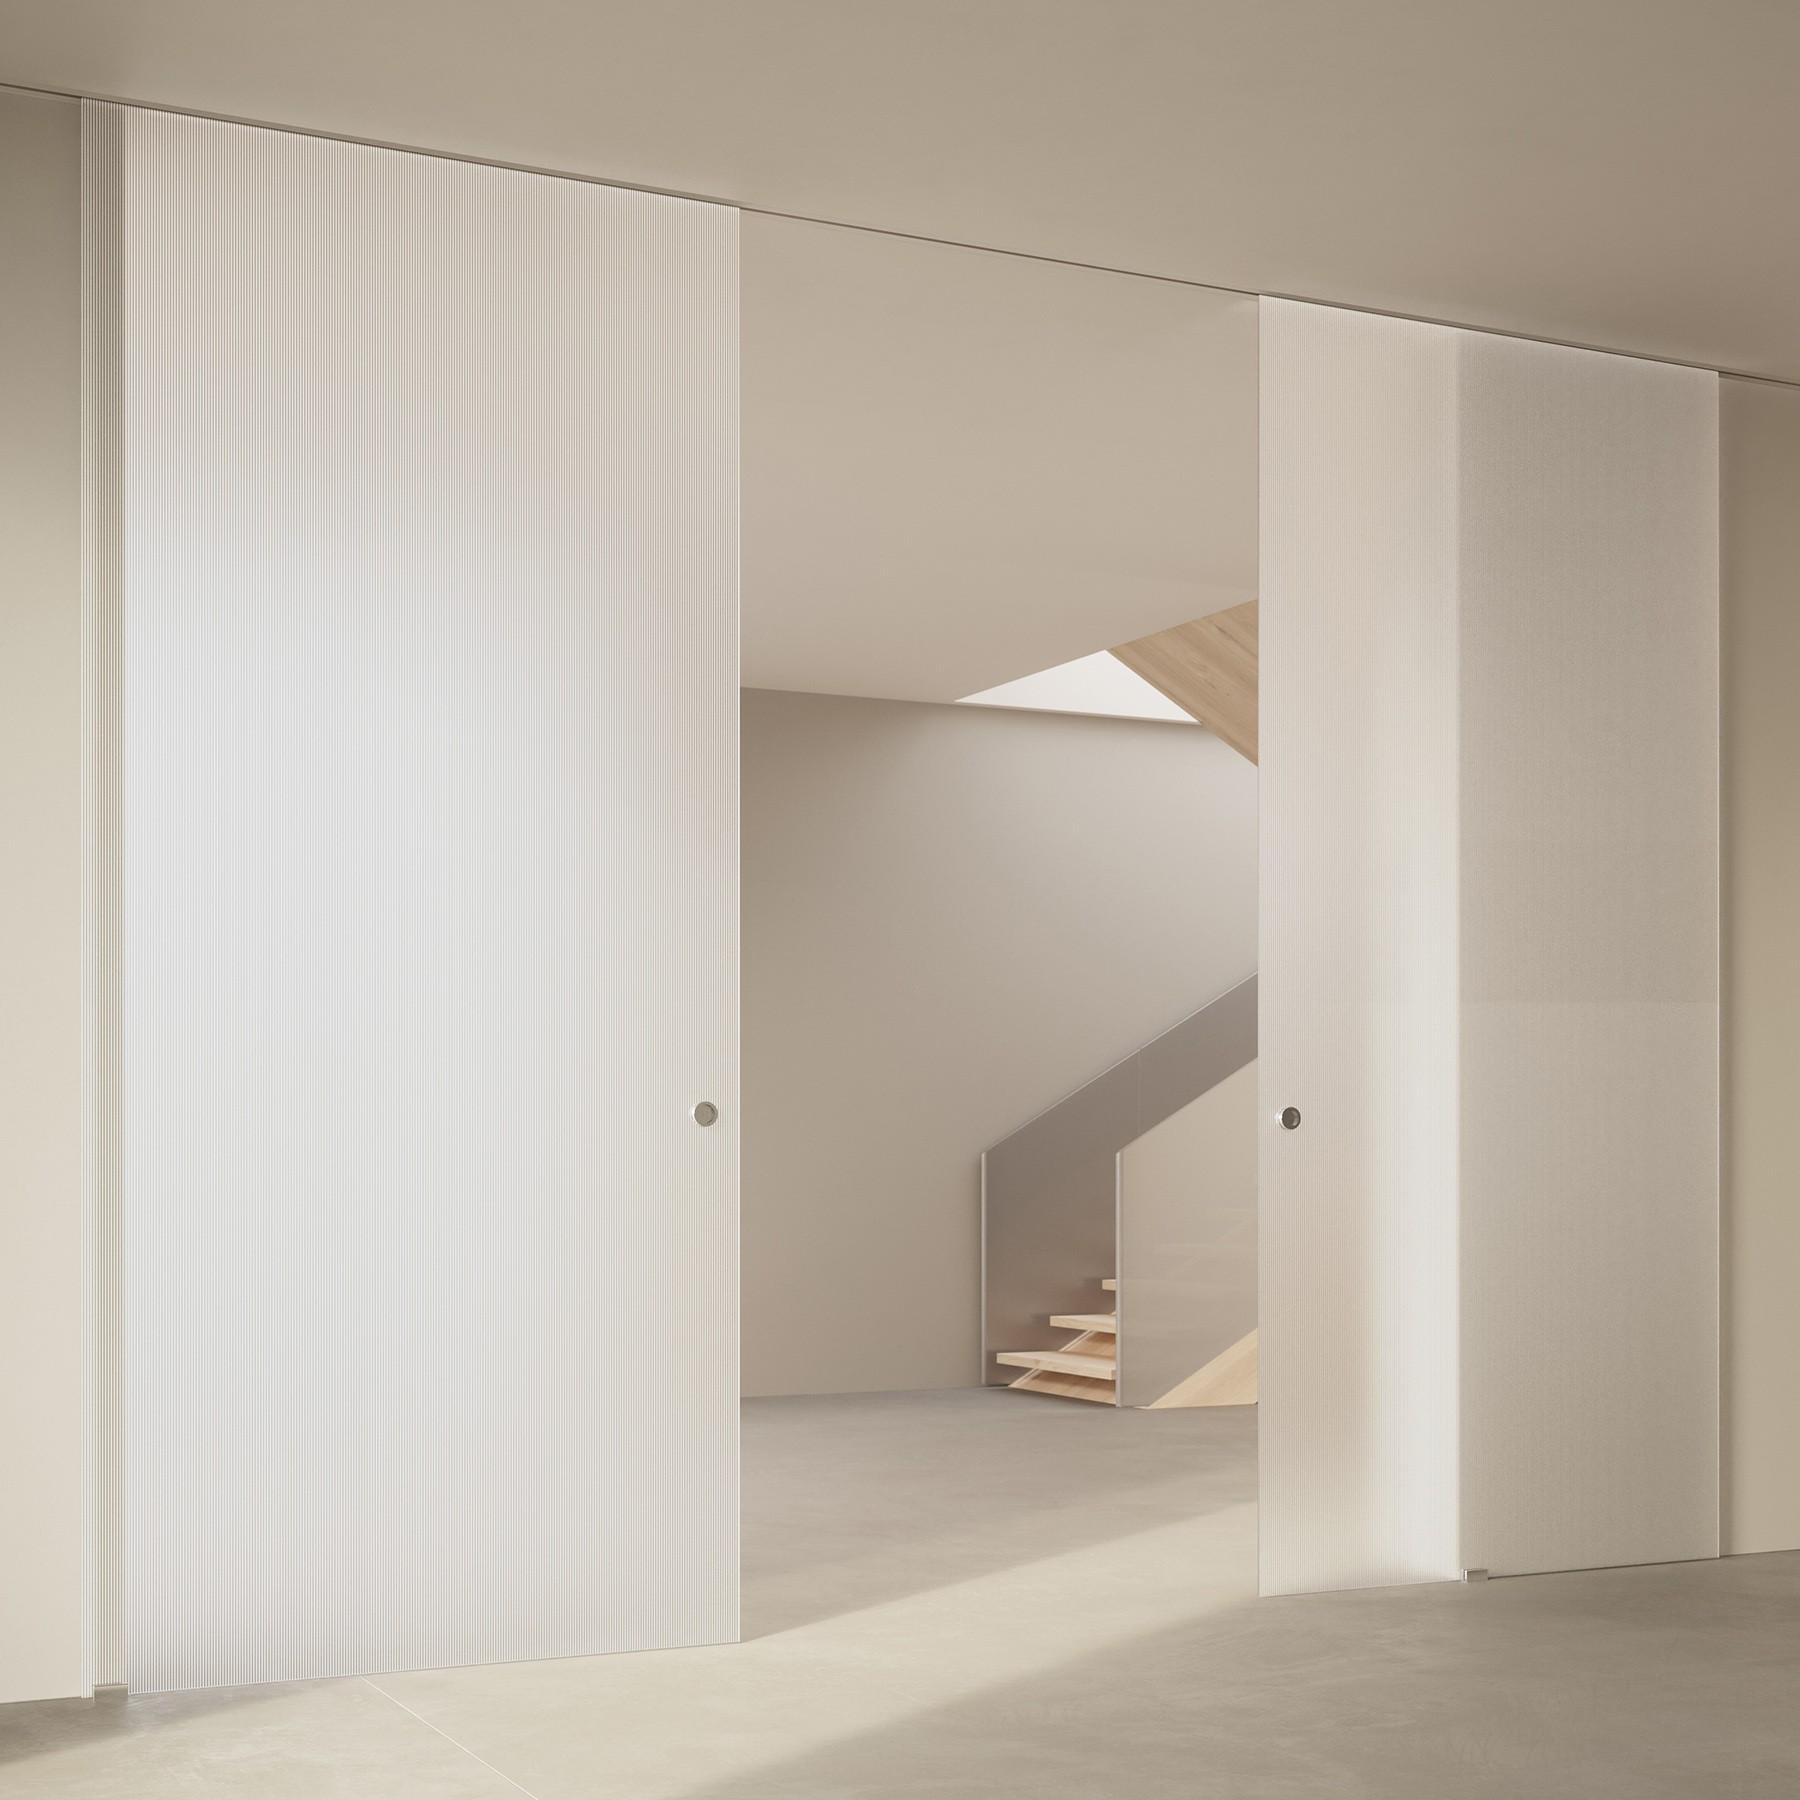 Scenario Visio Up with Chillout Satinato Extrachiaro Bianco glass